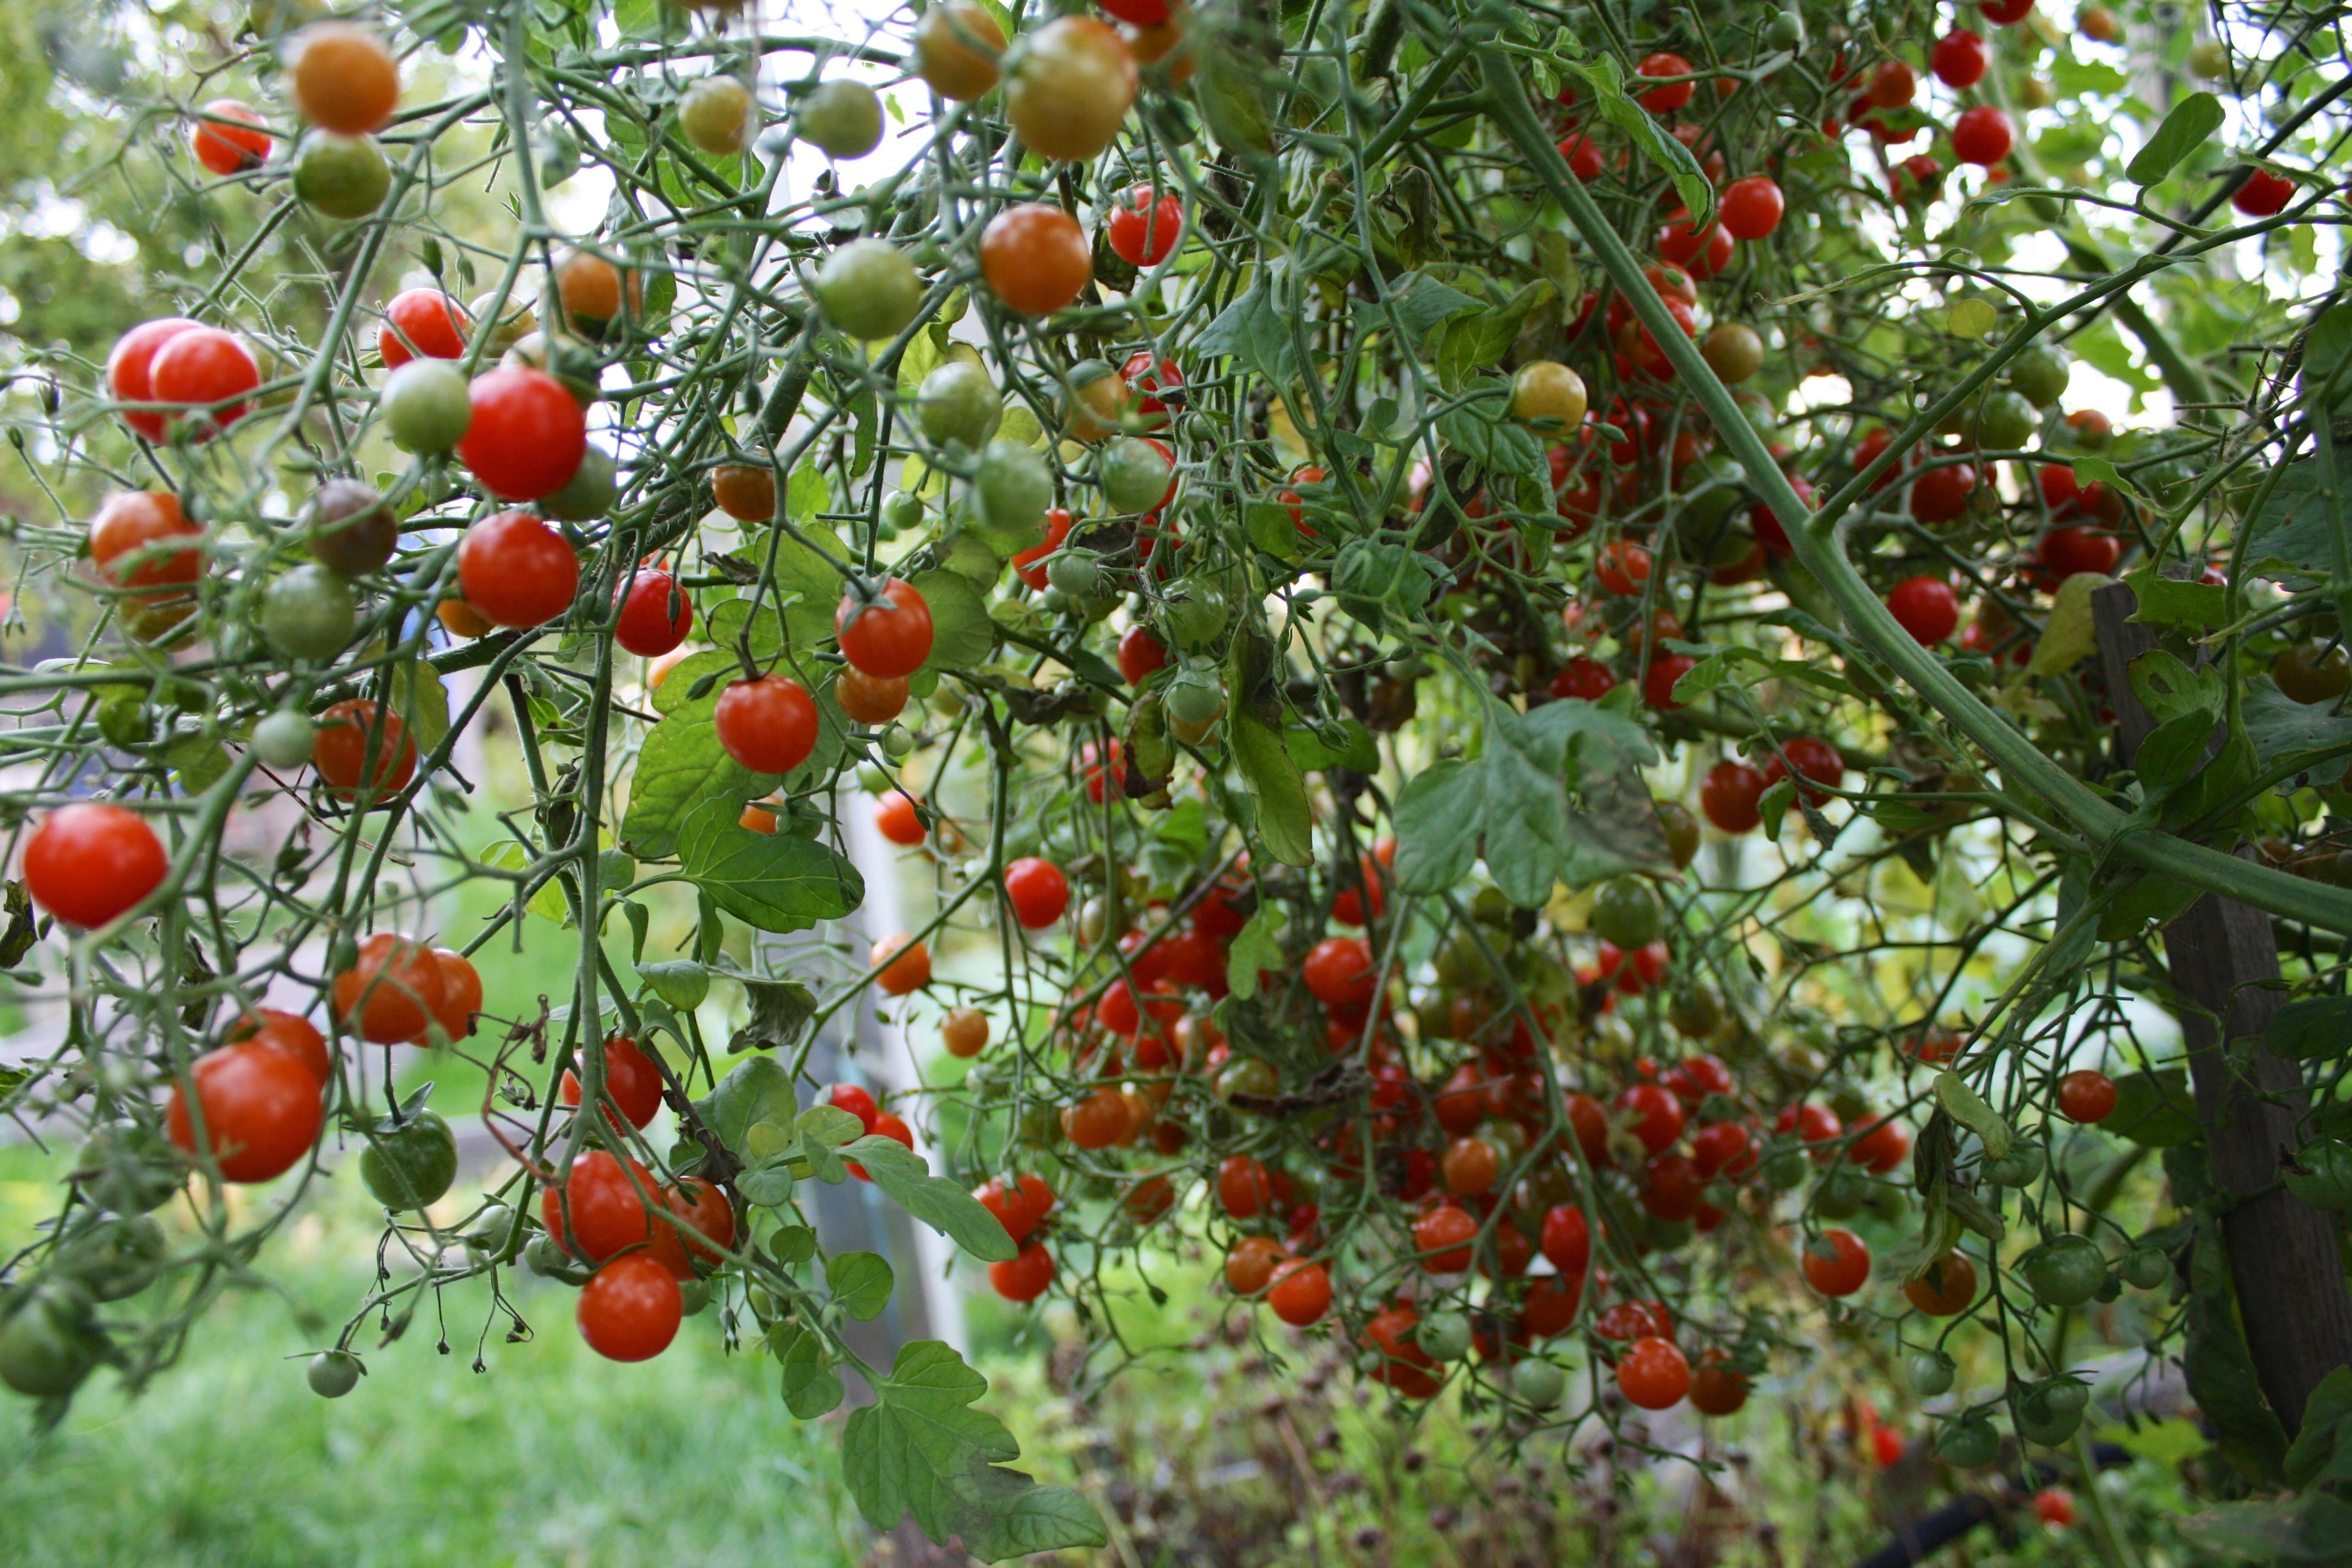 dyrking av urter